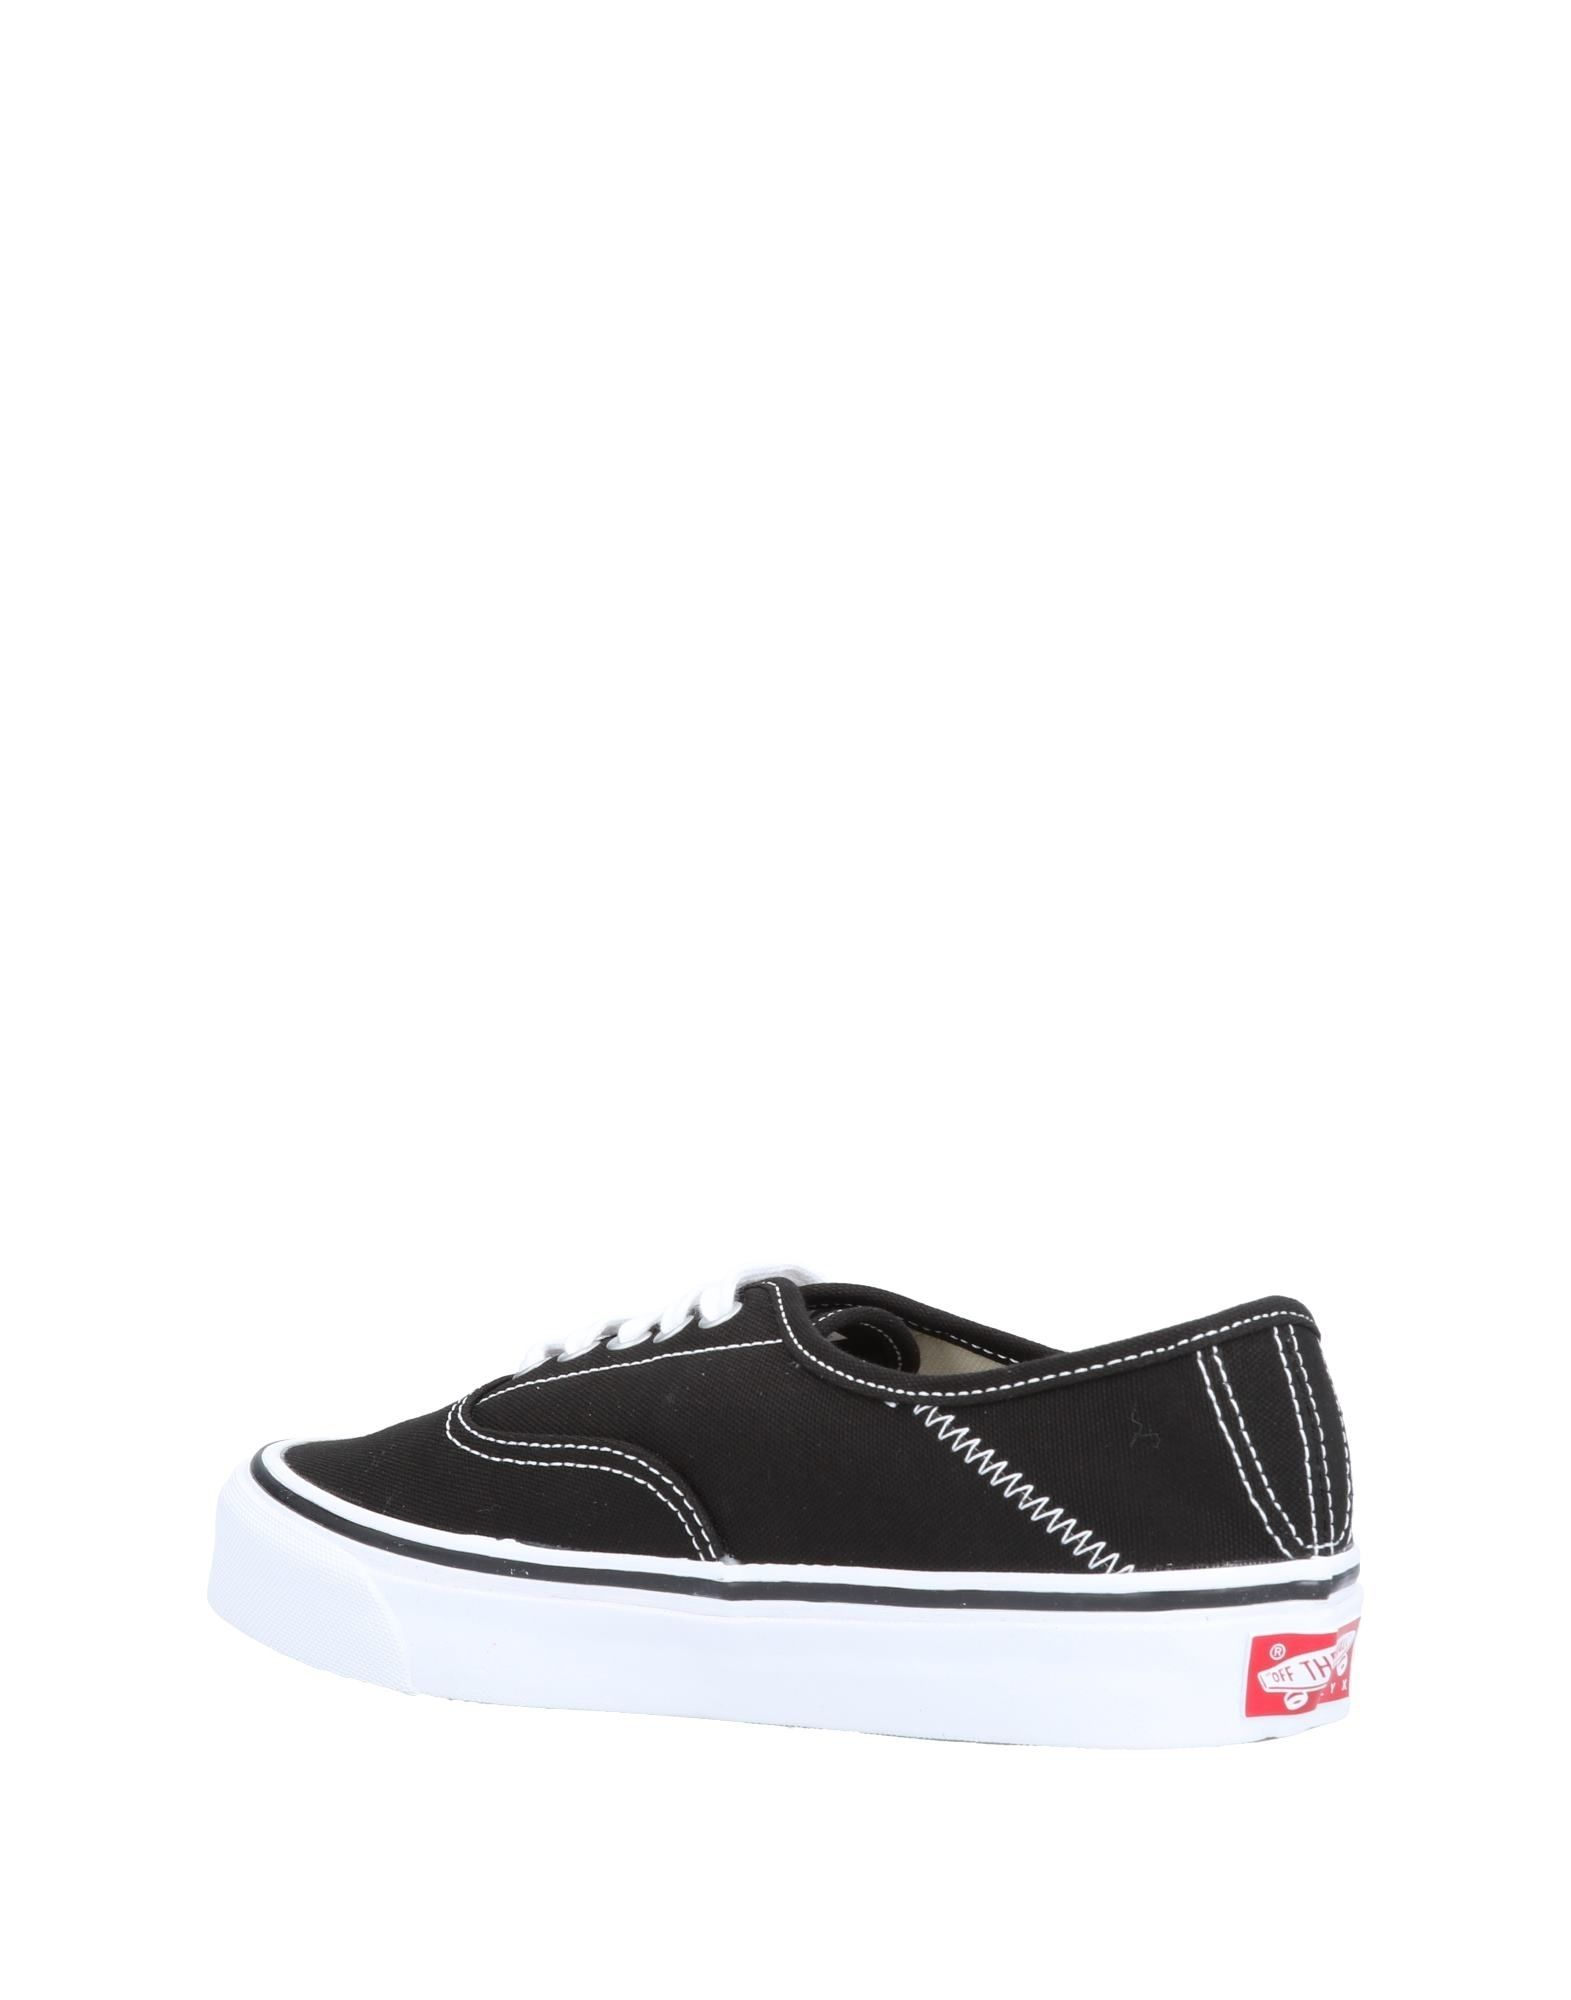 Vans Sneakers Damen  11500702QW Gute Gute 11500702QW Qualität beliebte Schuhe dc87f3